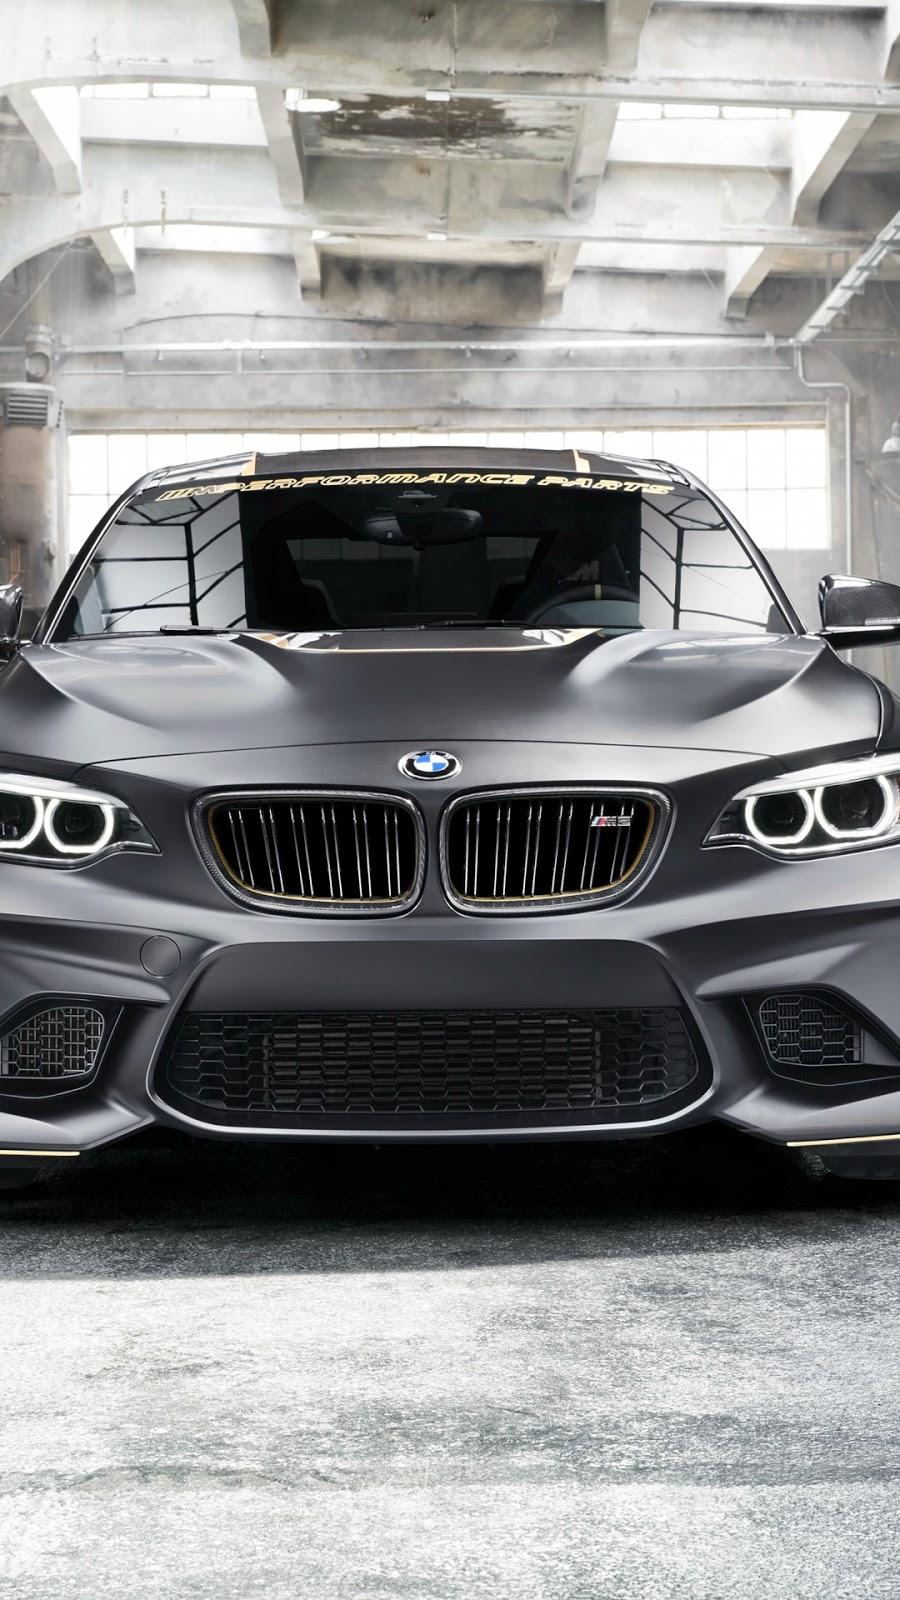 Papel de parede grátis BMW M2 M Performance Parts para PC, Notebook, iPhone, Android e Tablet.